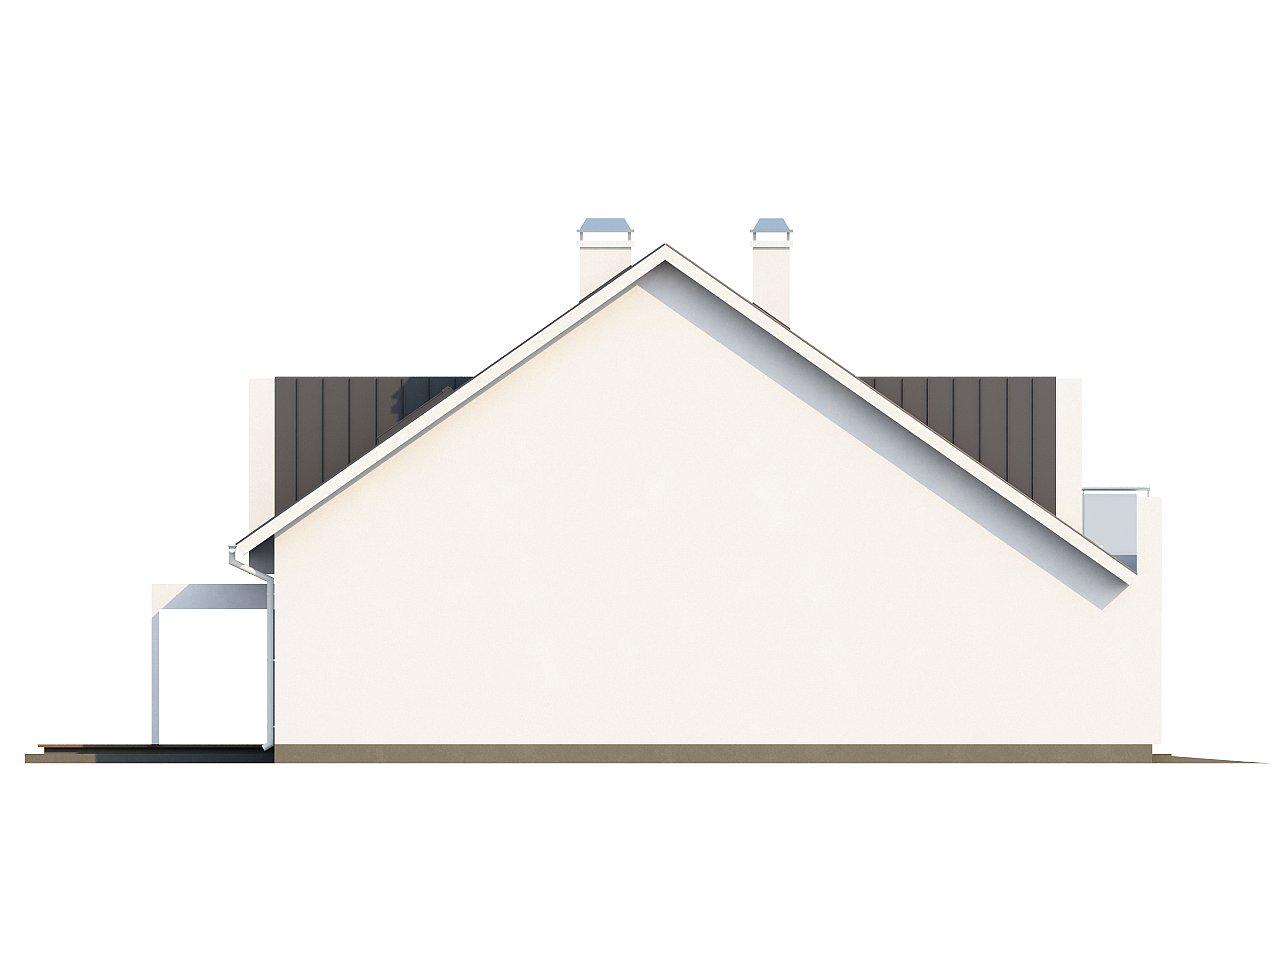 Стильный комфортный дом современного дизайна со встроенным гаражом. 5